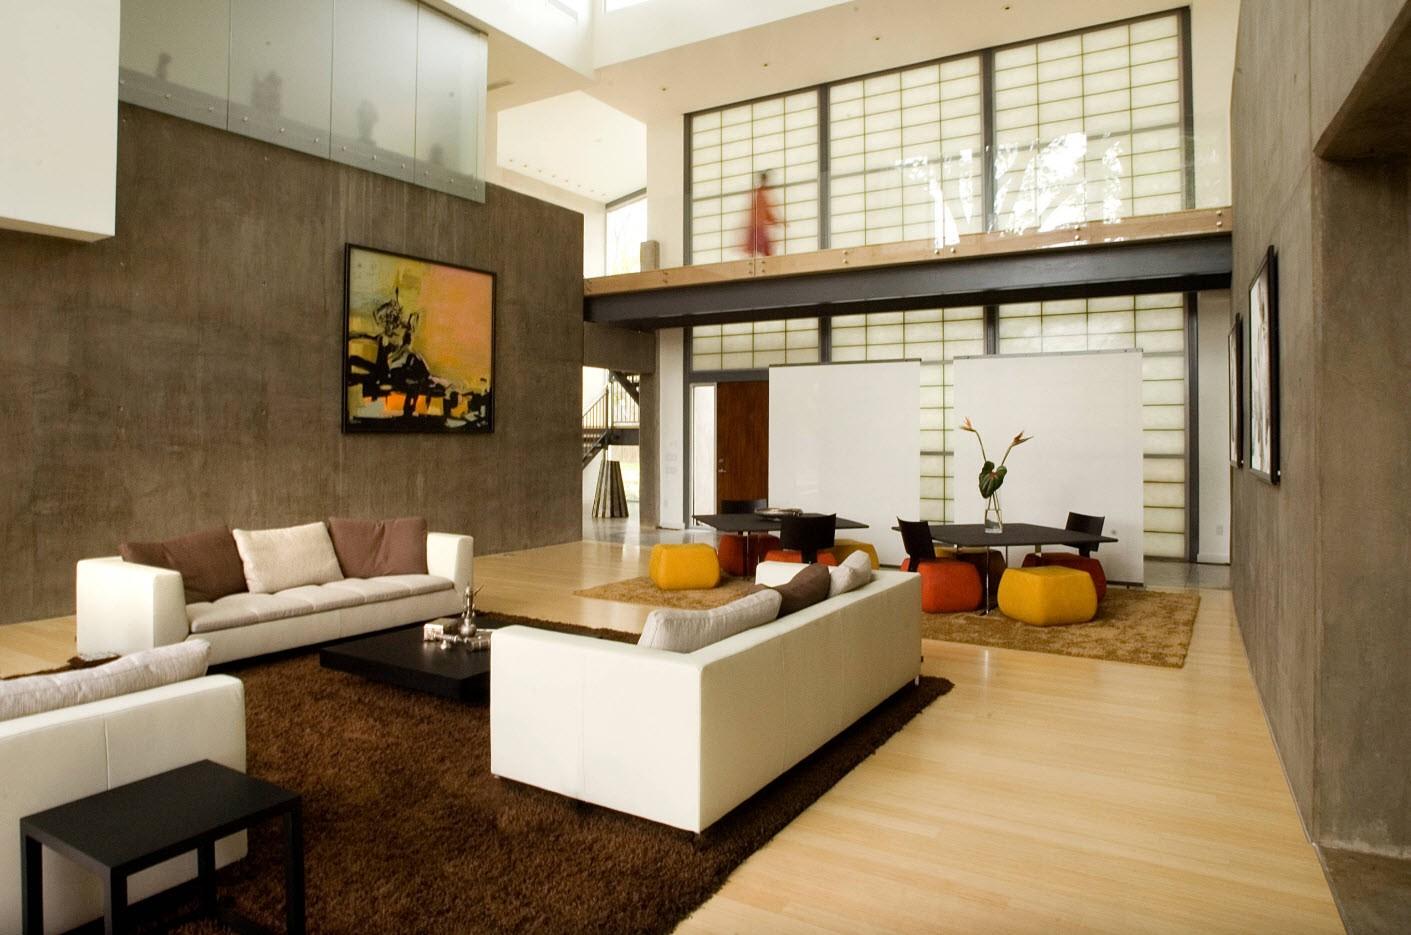 квартира в японском стиле идеи декор